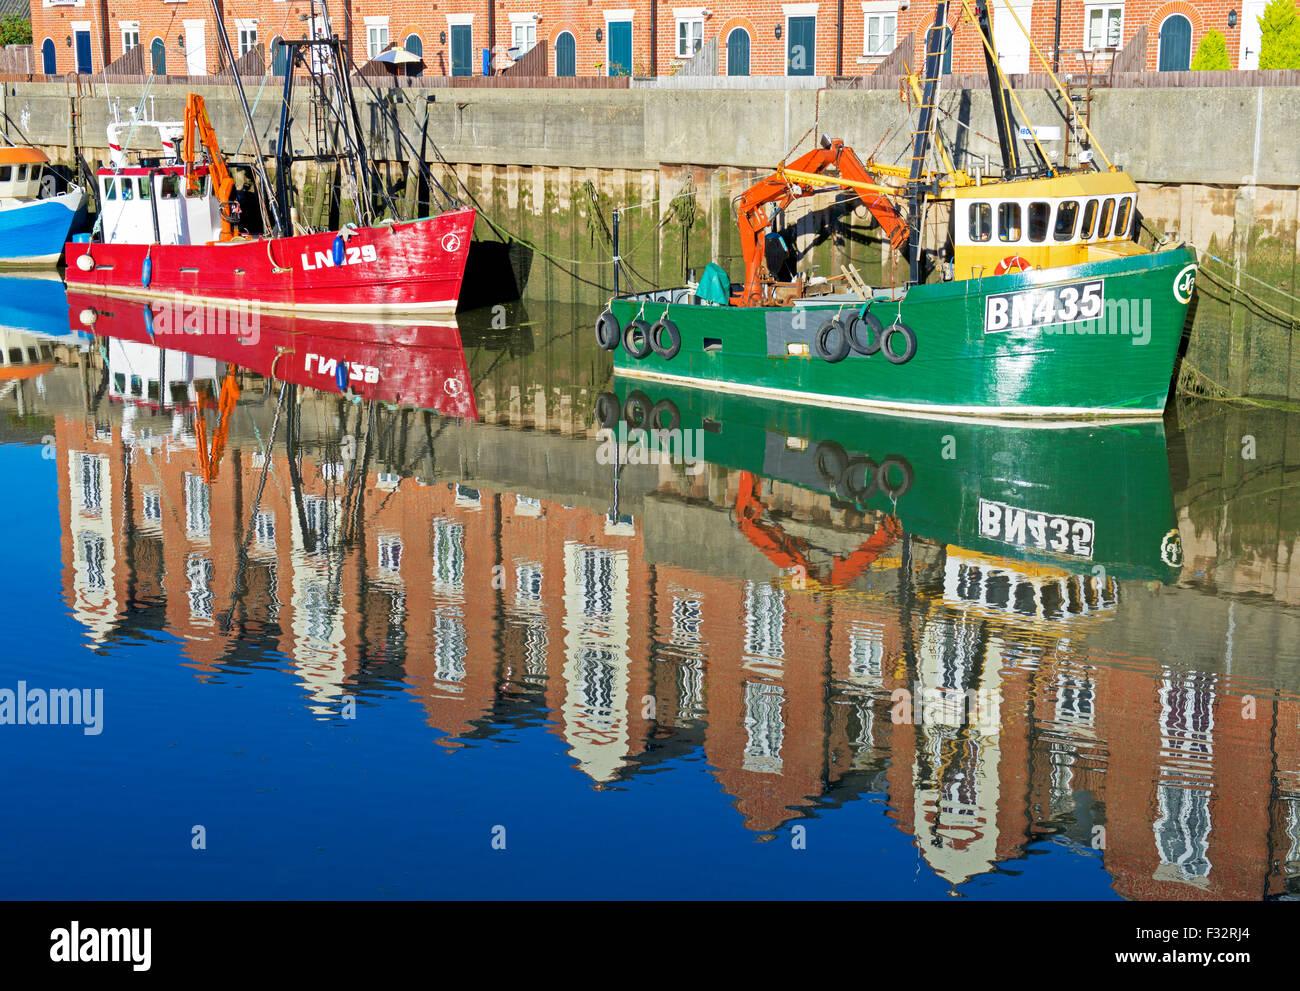 Barcos pesqueros amarrados en el río Witham, Boston, Lincolnshire, Inglaterra Imagen De Stock